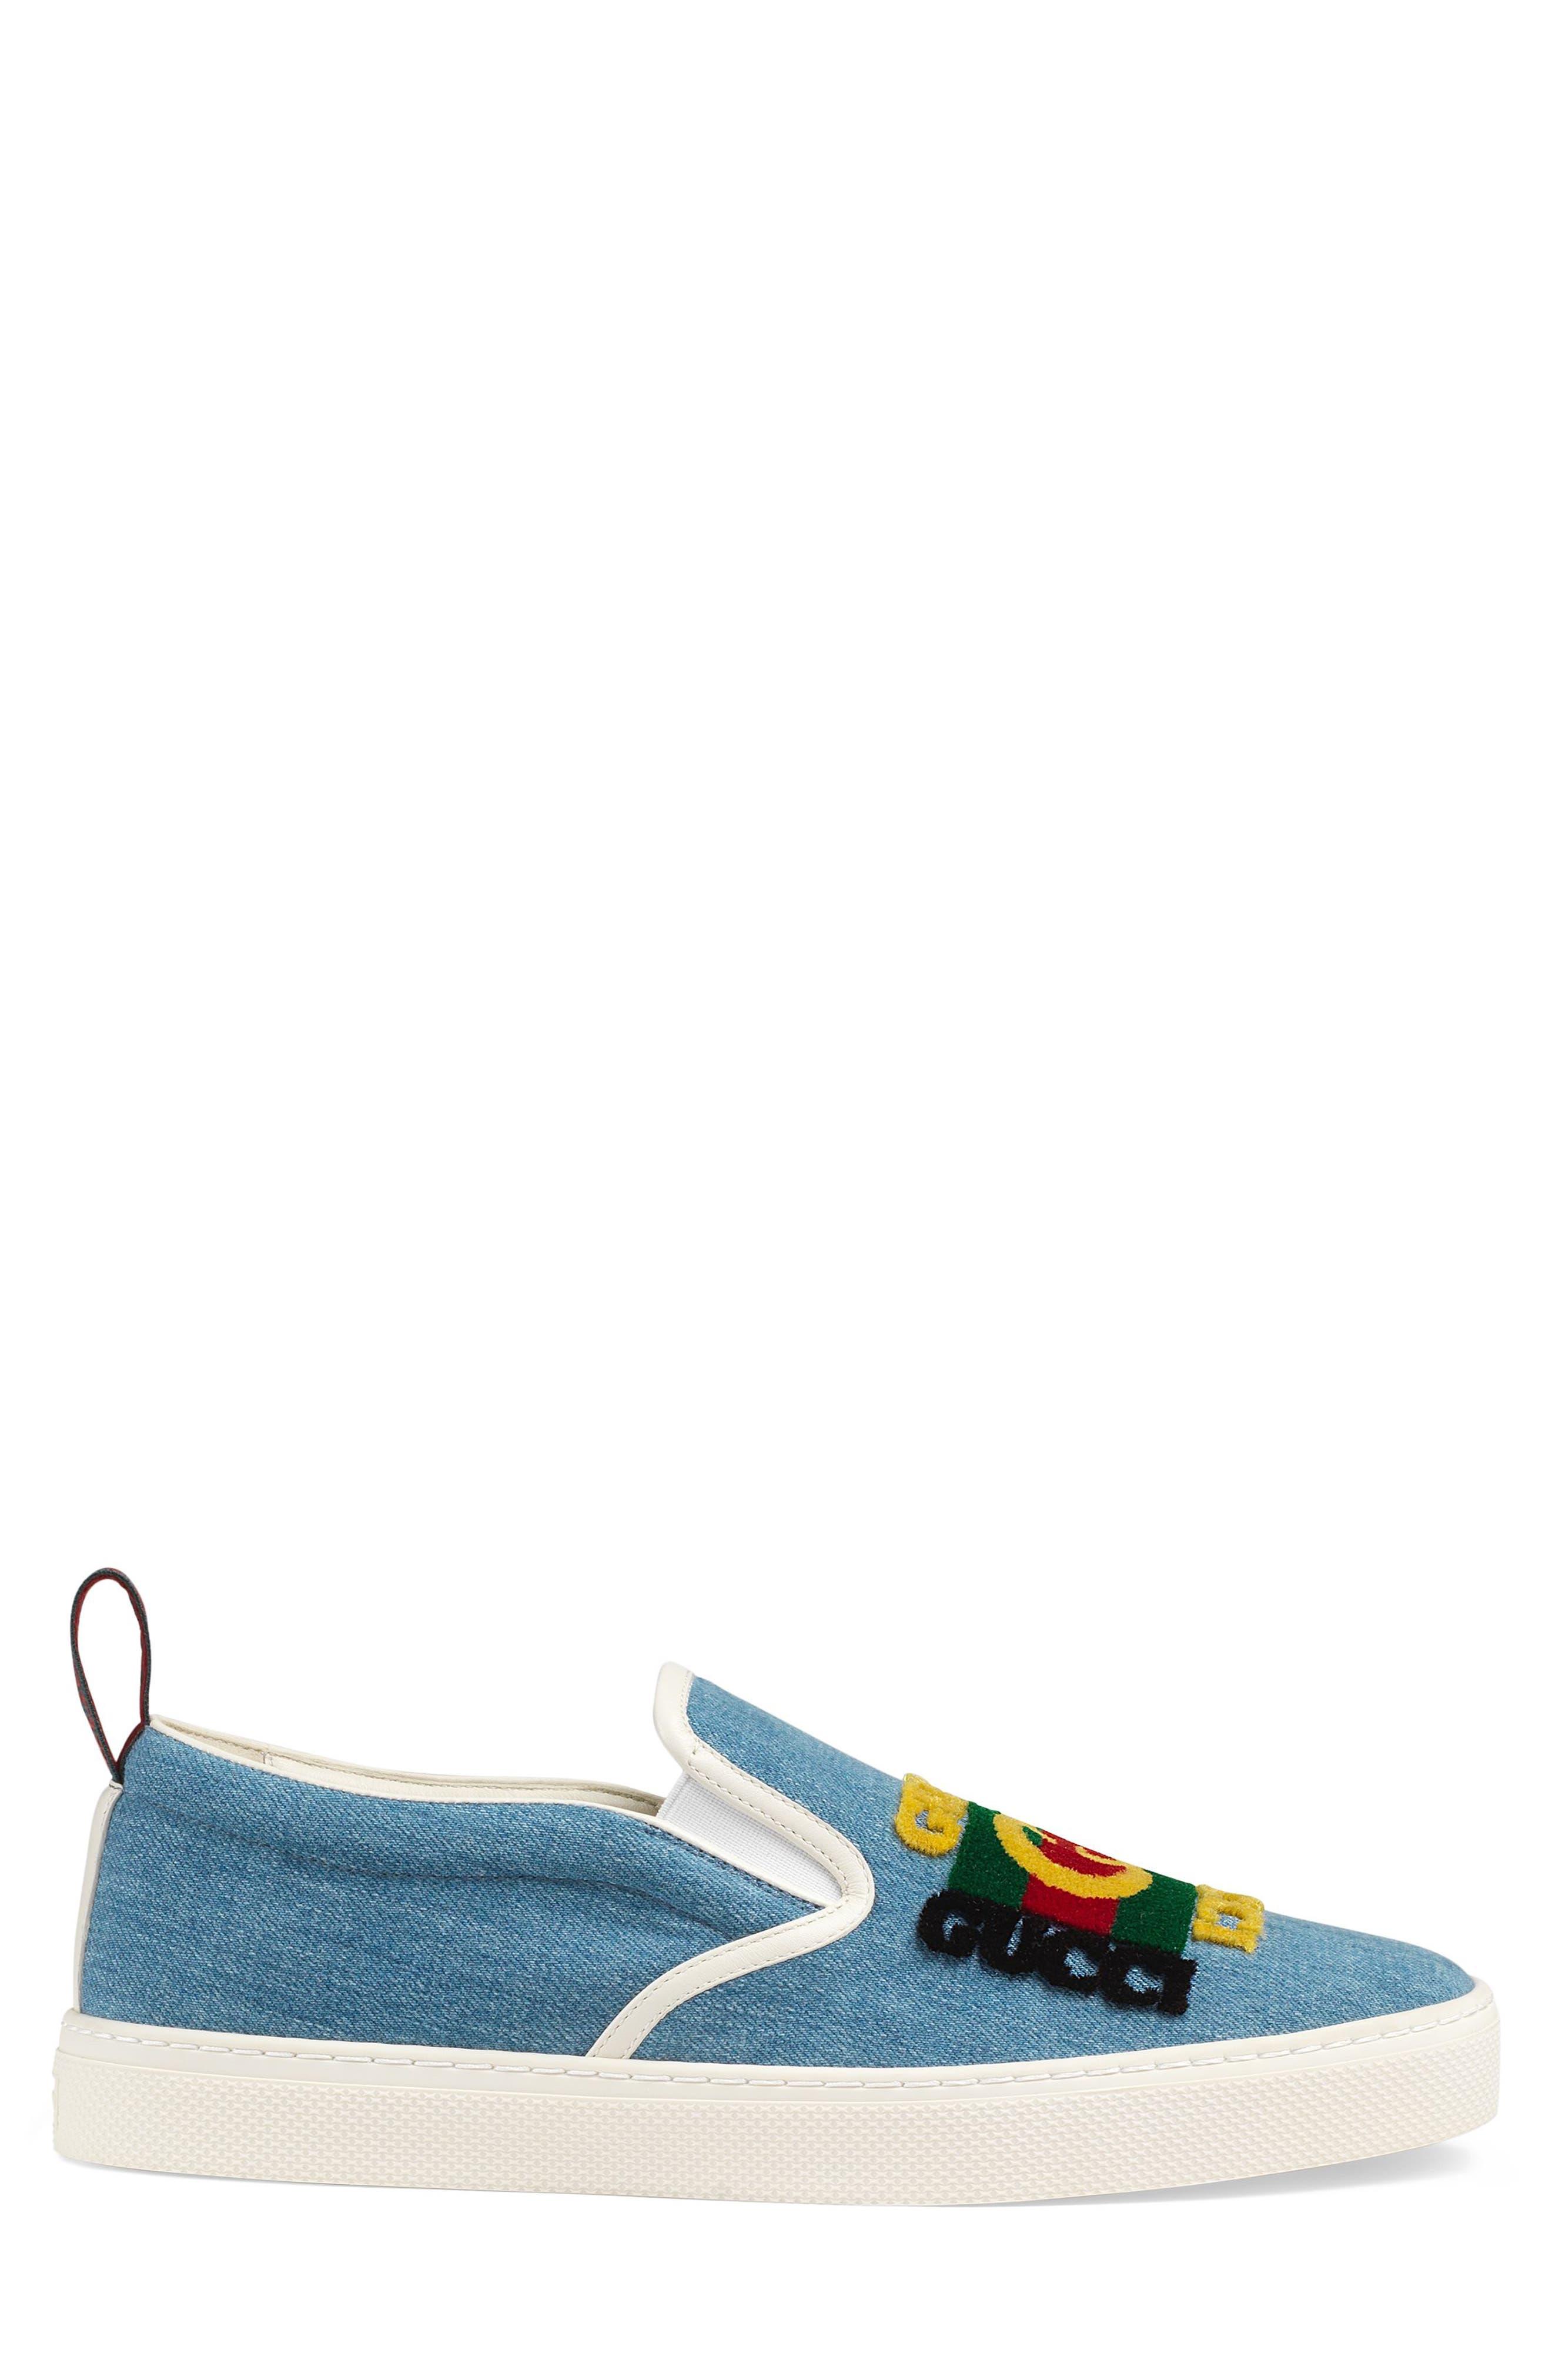 Dublin Slip-On Sneaker,                             Alternate thumbnail 2, color,                             BLUE/ BLACK